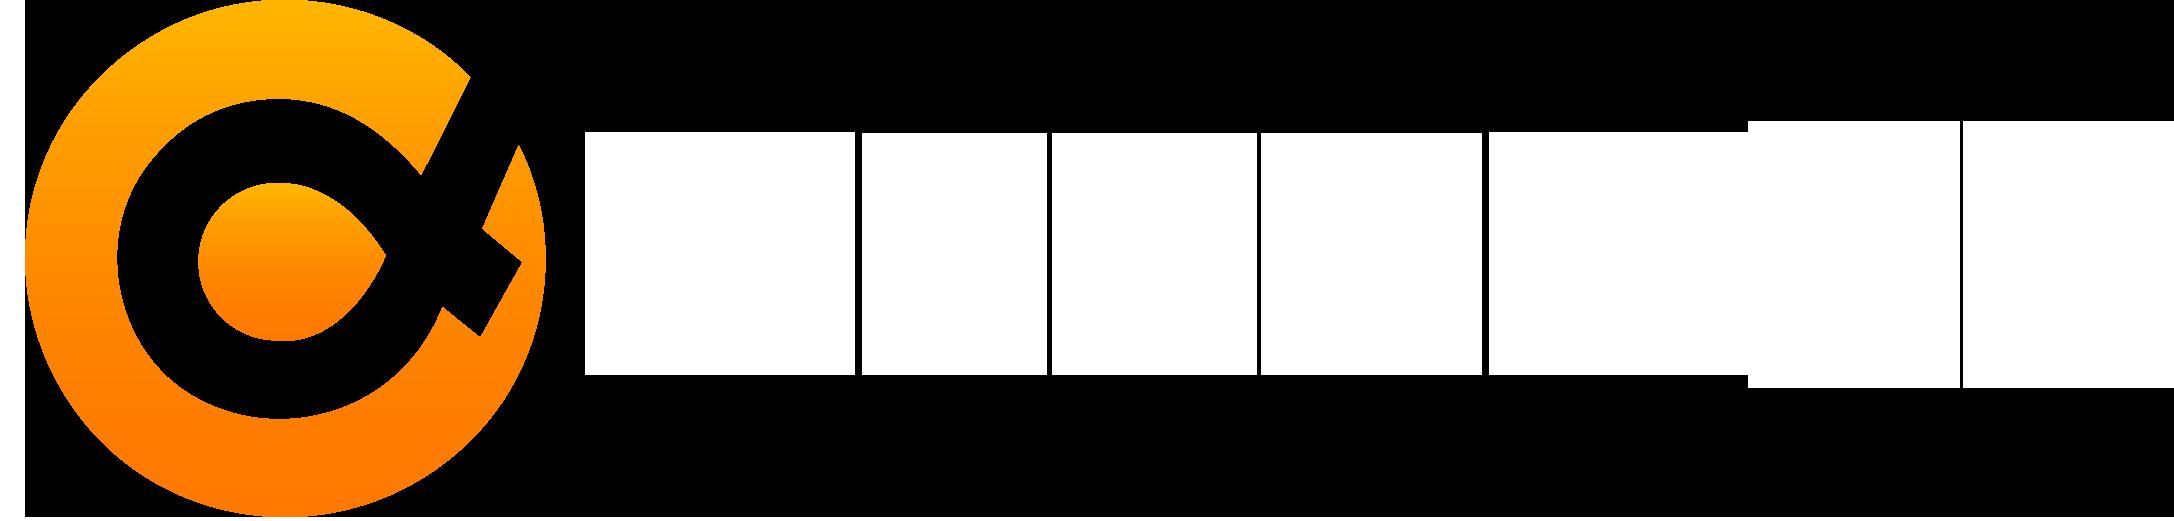 alpha88 logo